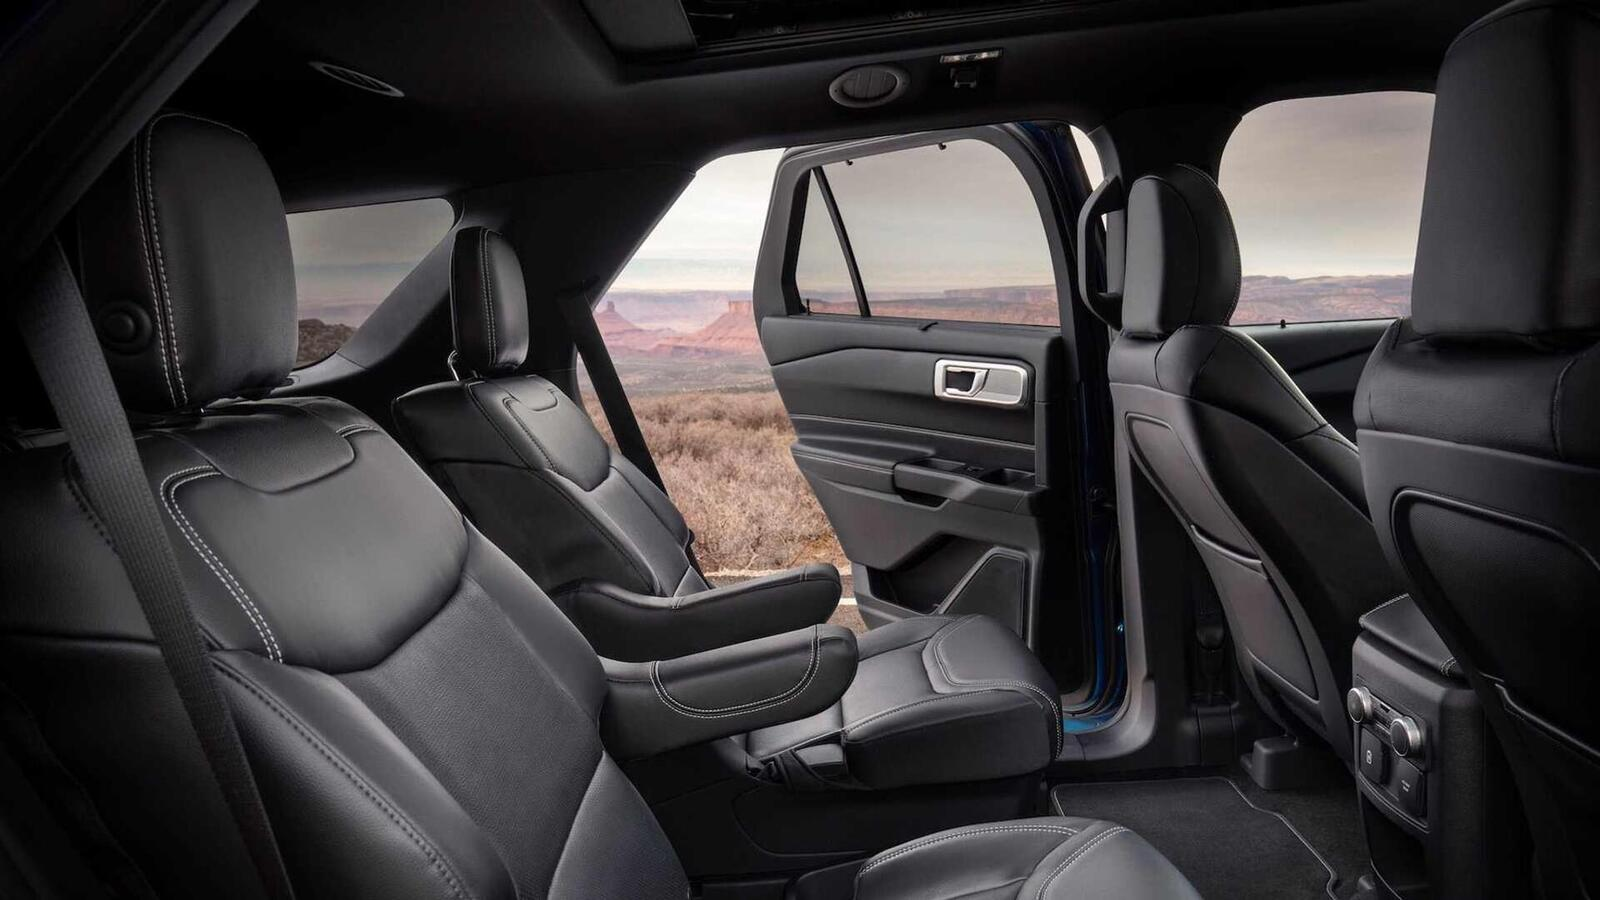 Ford Explorer 2020 thế hệ mới ra mắt; thiết kế mới và cải thiện khả năng vận hành - Hình 13